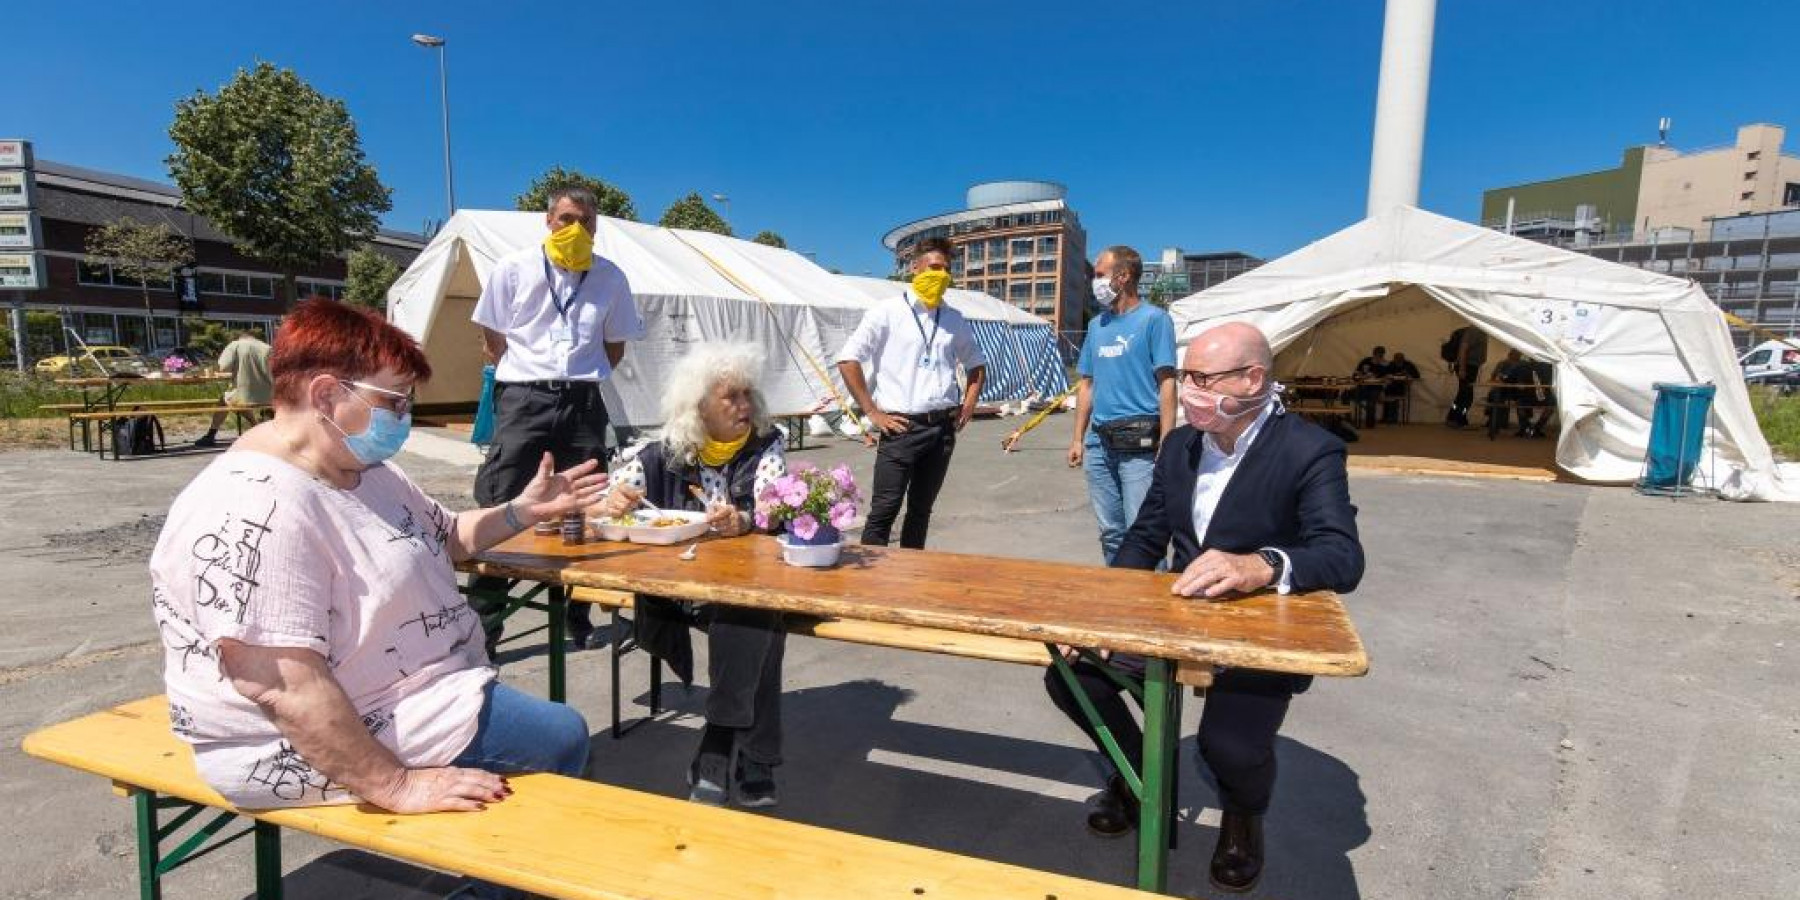 Oberbürgermeister besucht Tagesaufenthalt für Wohnungslose